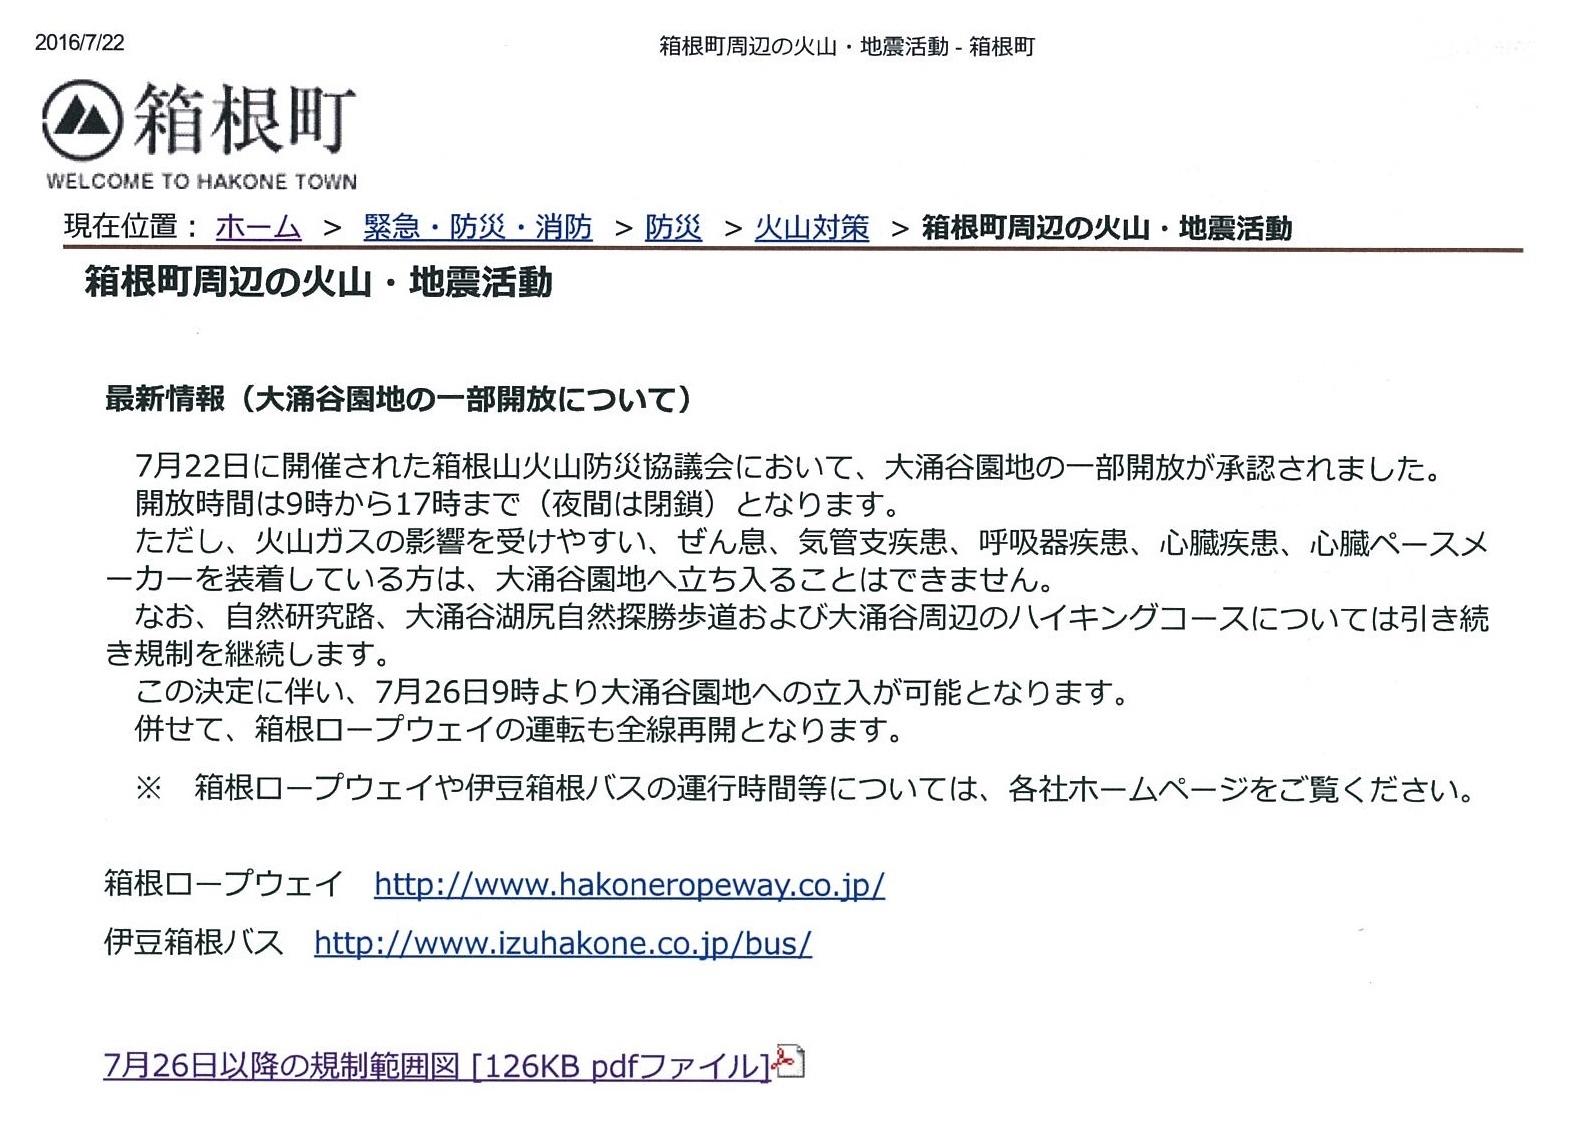 20160722箱根町周辺の火山・地震活動(大涌谷円地の一部開放について)